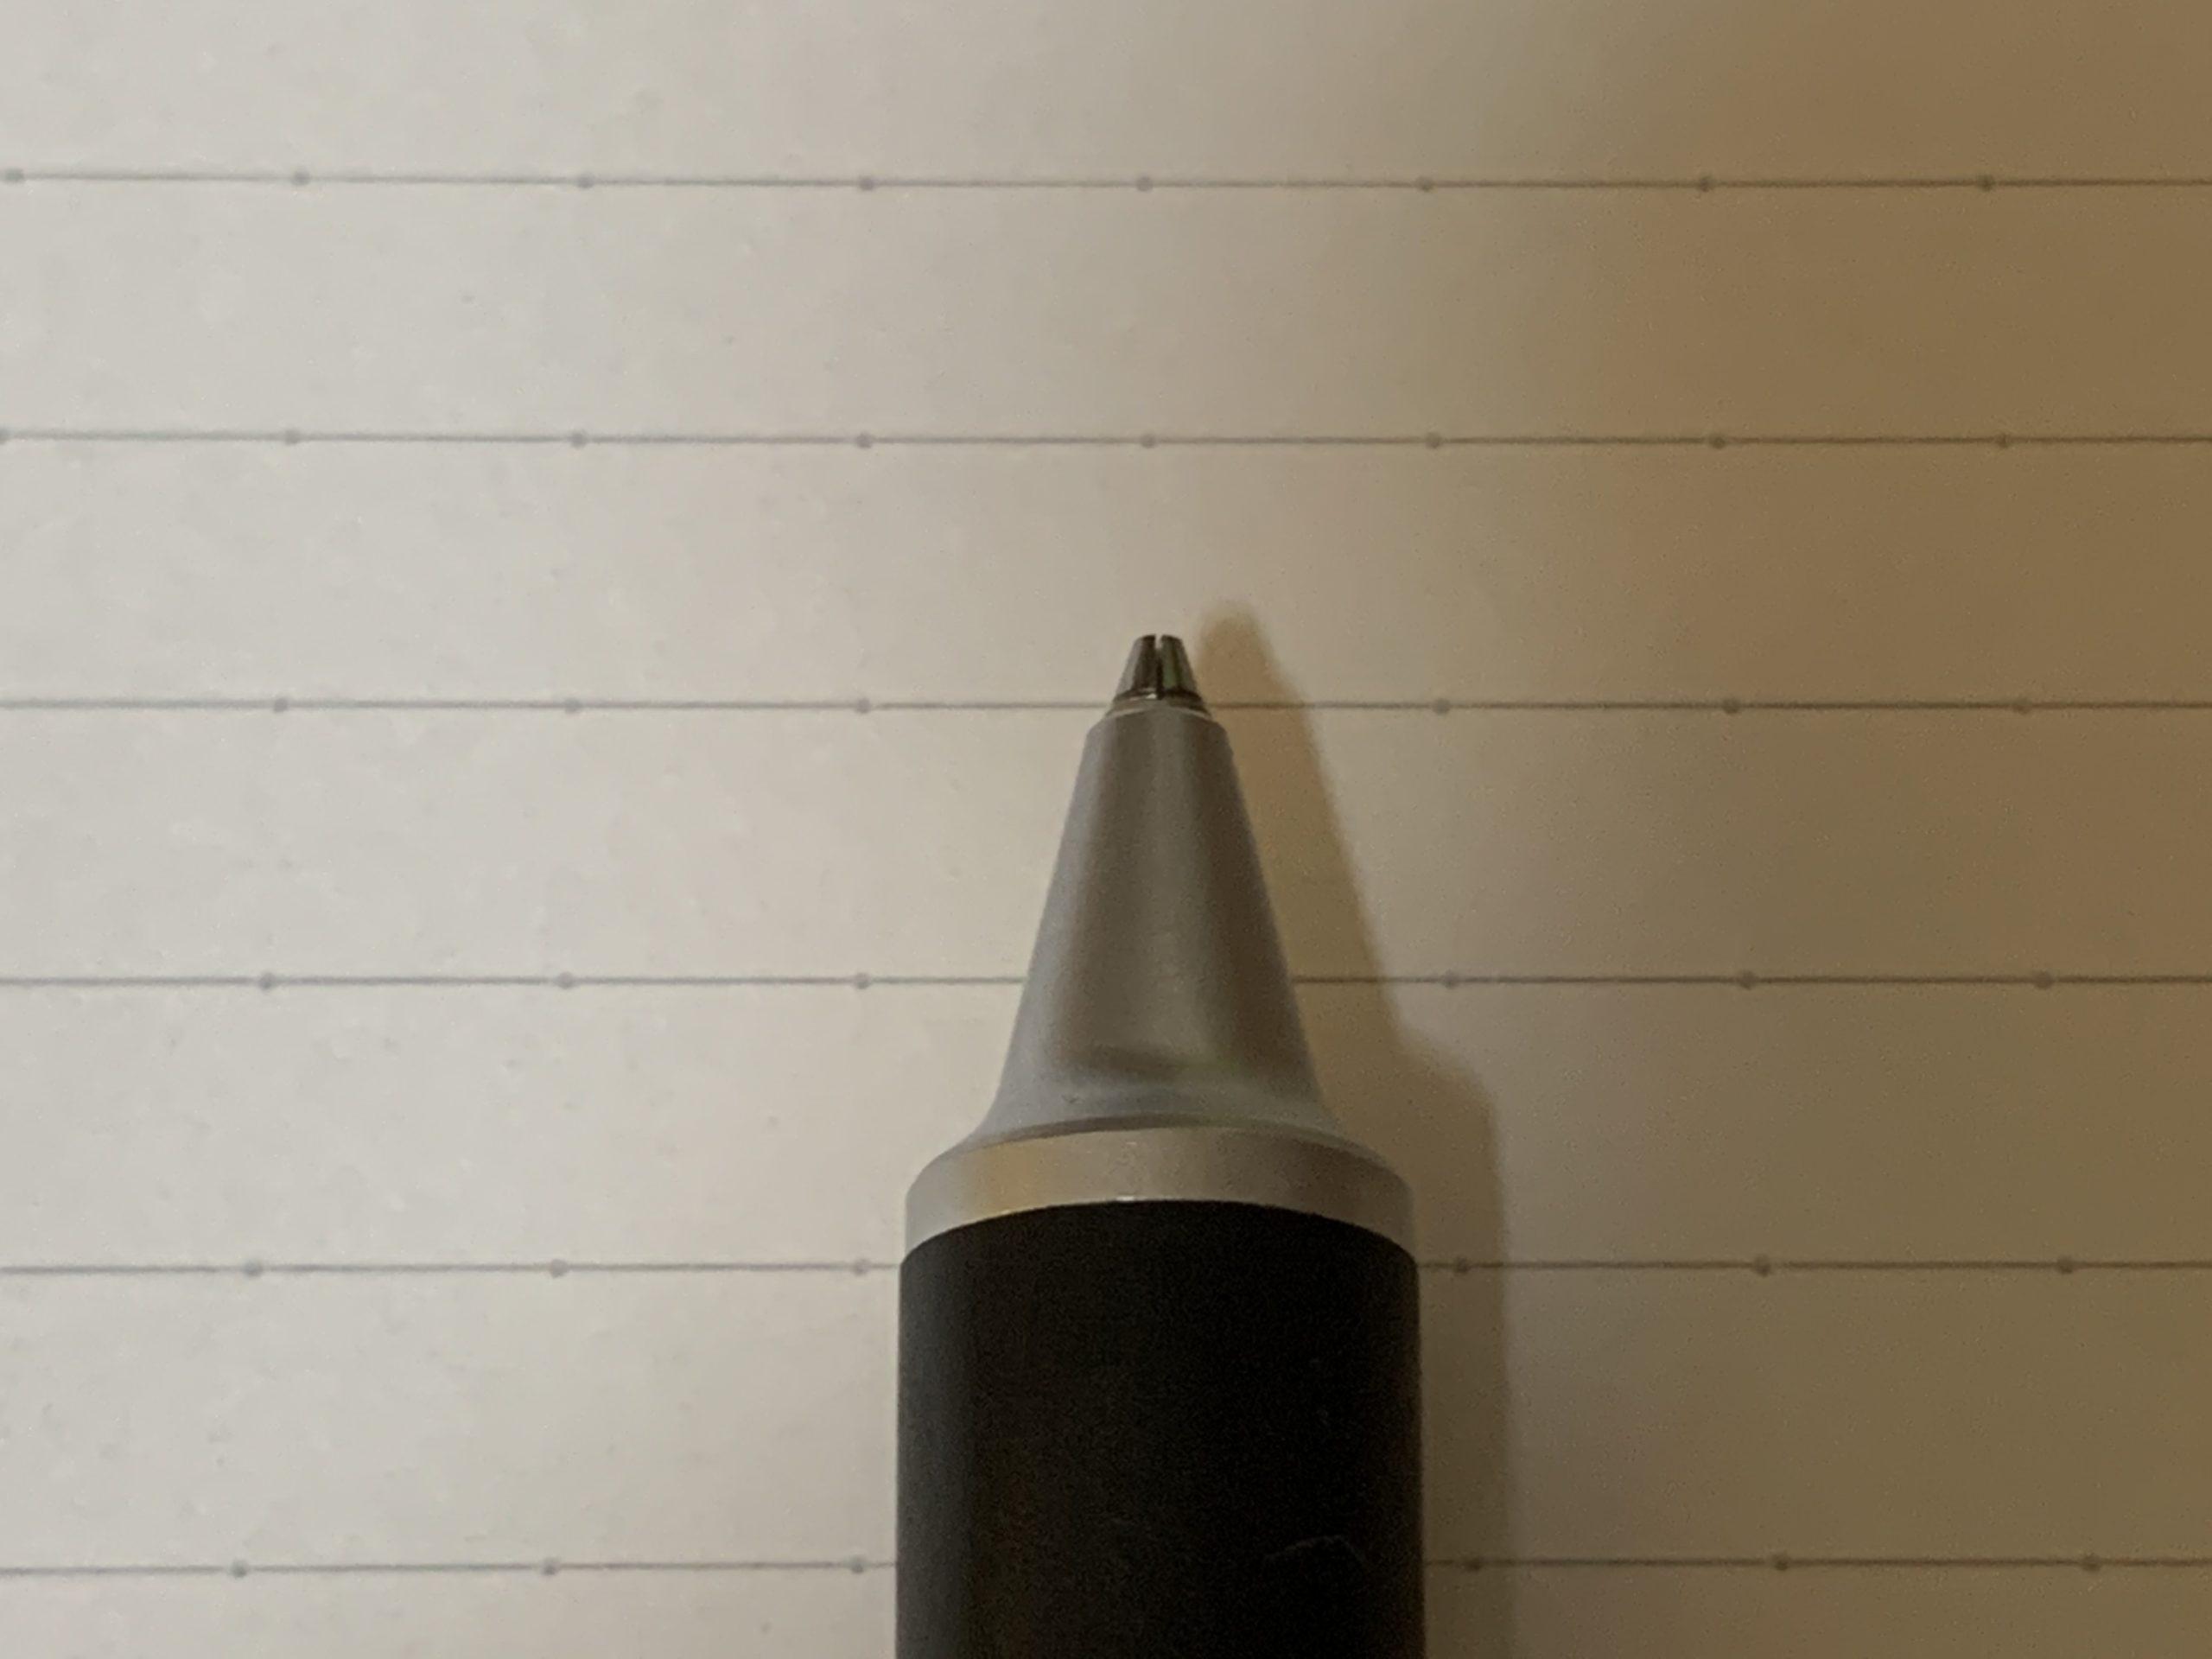 オレンズ新メタルグリップシャーペン